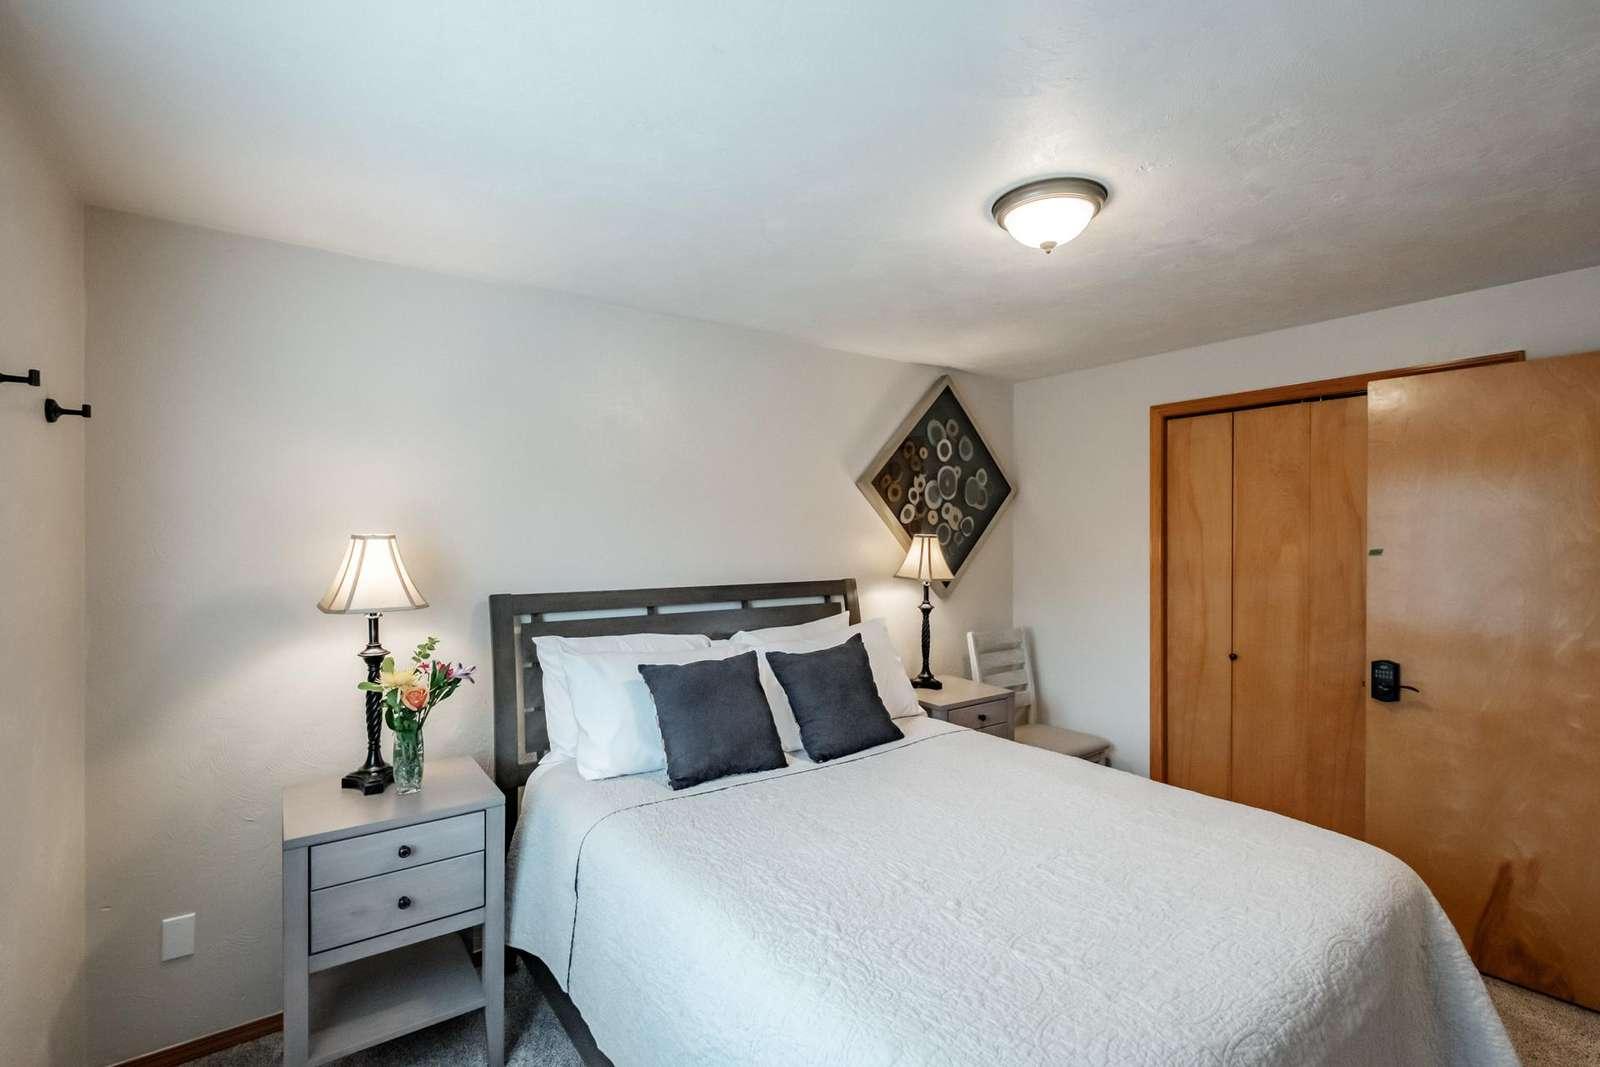 Bedroom 2 - Queen pillow-top bed